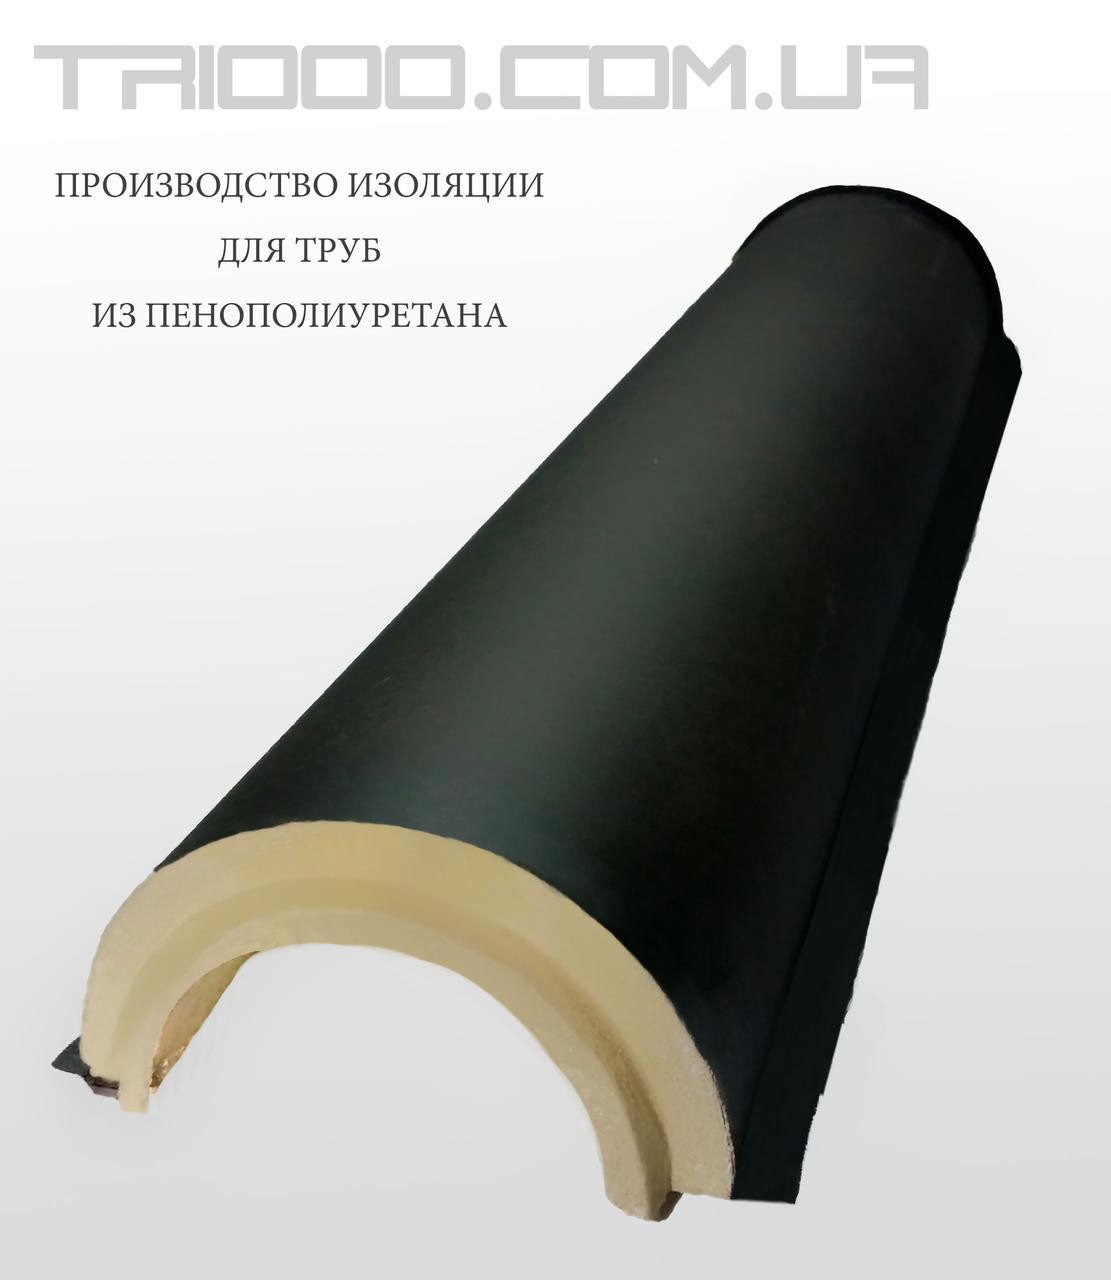 Сегменты теплоизоляционные для труб Ø 219/40 мм в покрытии из пергамина